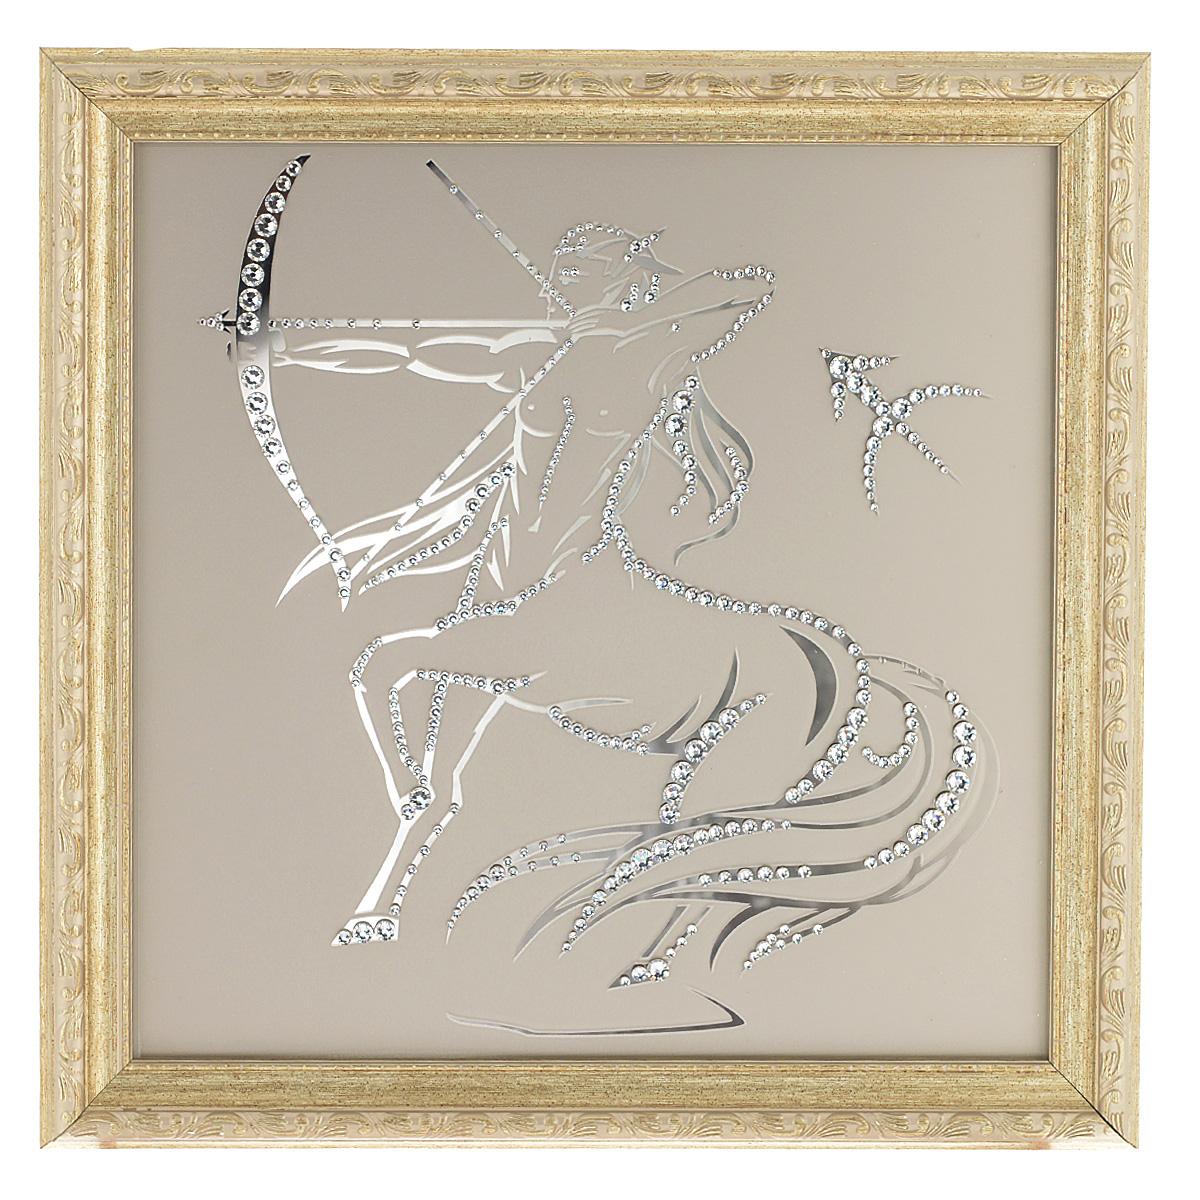 Картина с кристаллами Swarovski Знак зодиака. Стрелец, 35 х 35 см12723Изящная картина в багетной раме Знак зодиака. Стрелец инкрустирована кристаллами Swarovski, которые отличаются четкой и ровной огранкой, ярким блеском и чистотой цвета. Идеально подобранная палитра кристаллов прекрасно дополняет картину. С задней стороны изделие оснащено проволокой для размещения на стене. Картина с кристаллами Swarovski элегантно украсит интерьер дома, а также станет прекрасным подарком, который обязательно понравится получателю. Блеск кристаллов в интерьере - что может быть сказочнее и удивительнее. Изделие упаковано в подарочную картонную коробку синего цвета и комплектуется сертификатом соответствия Swarovski.